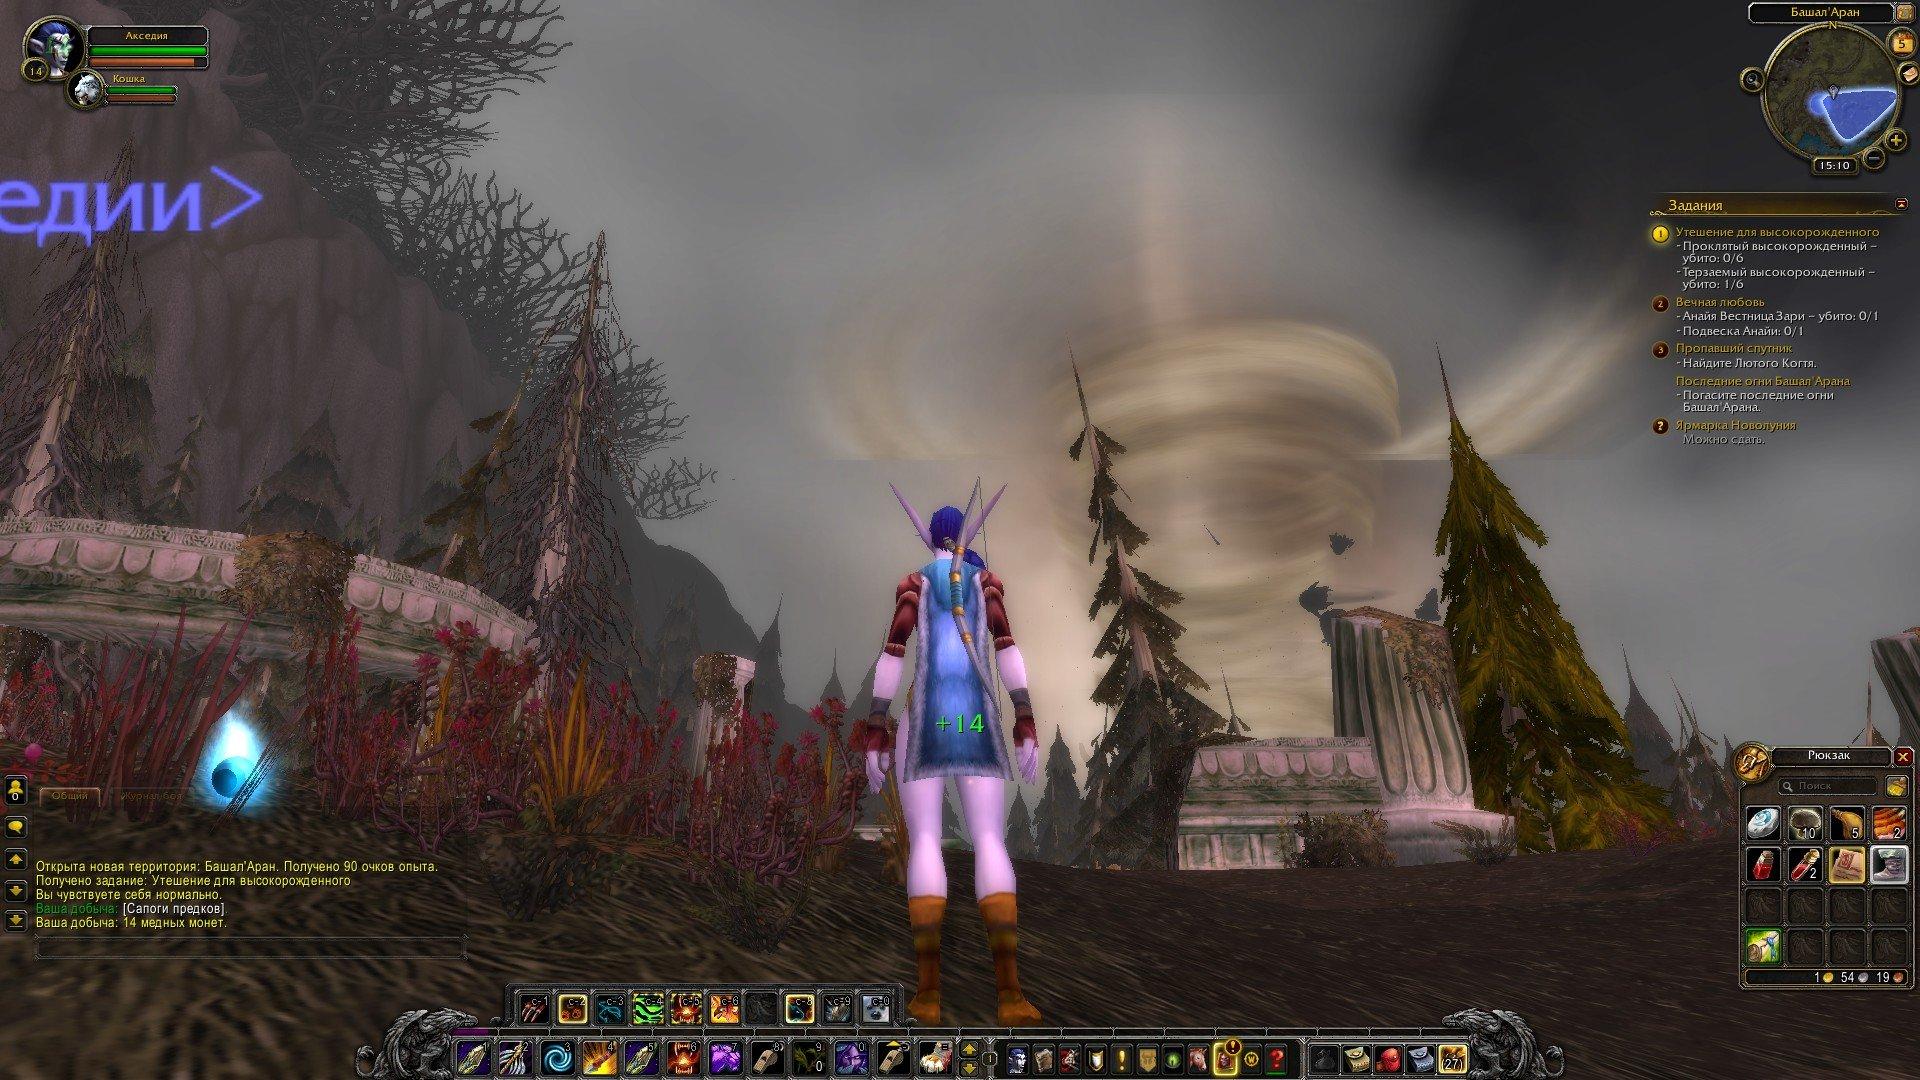 Путешествие по World of Warcraft ... Ночной Эльф. Глава 1 - Изображение 25